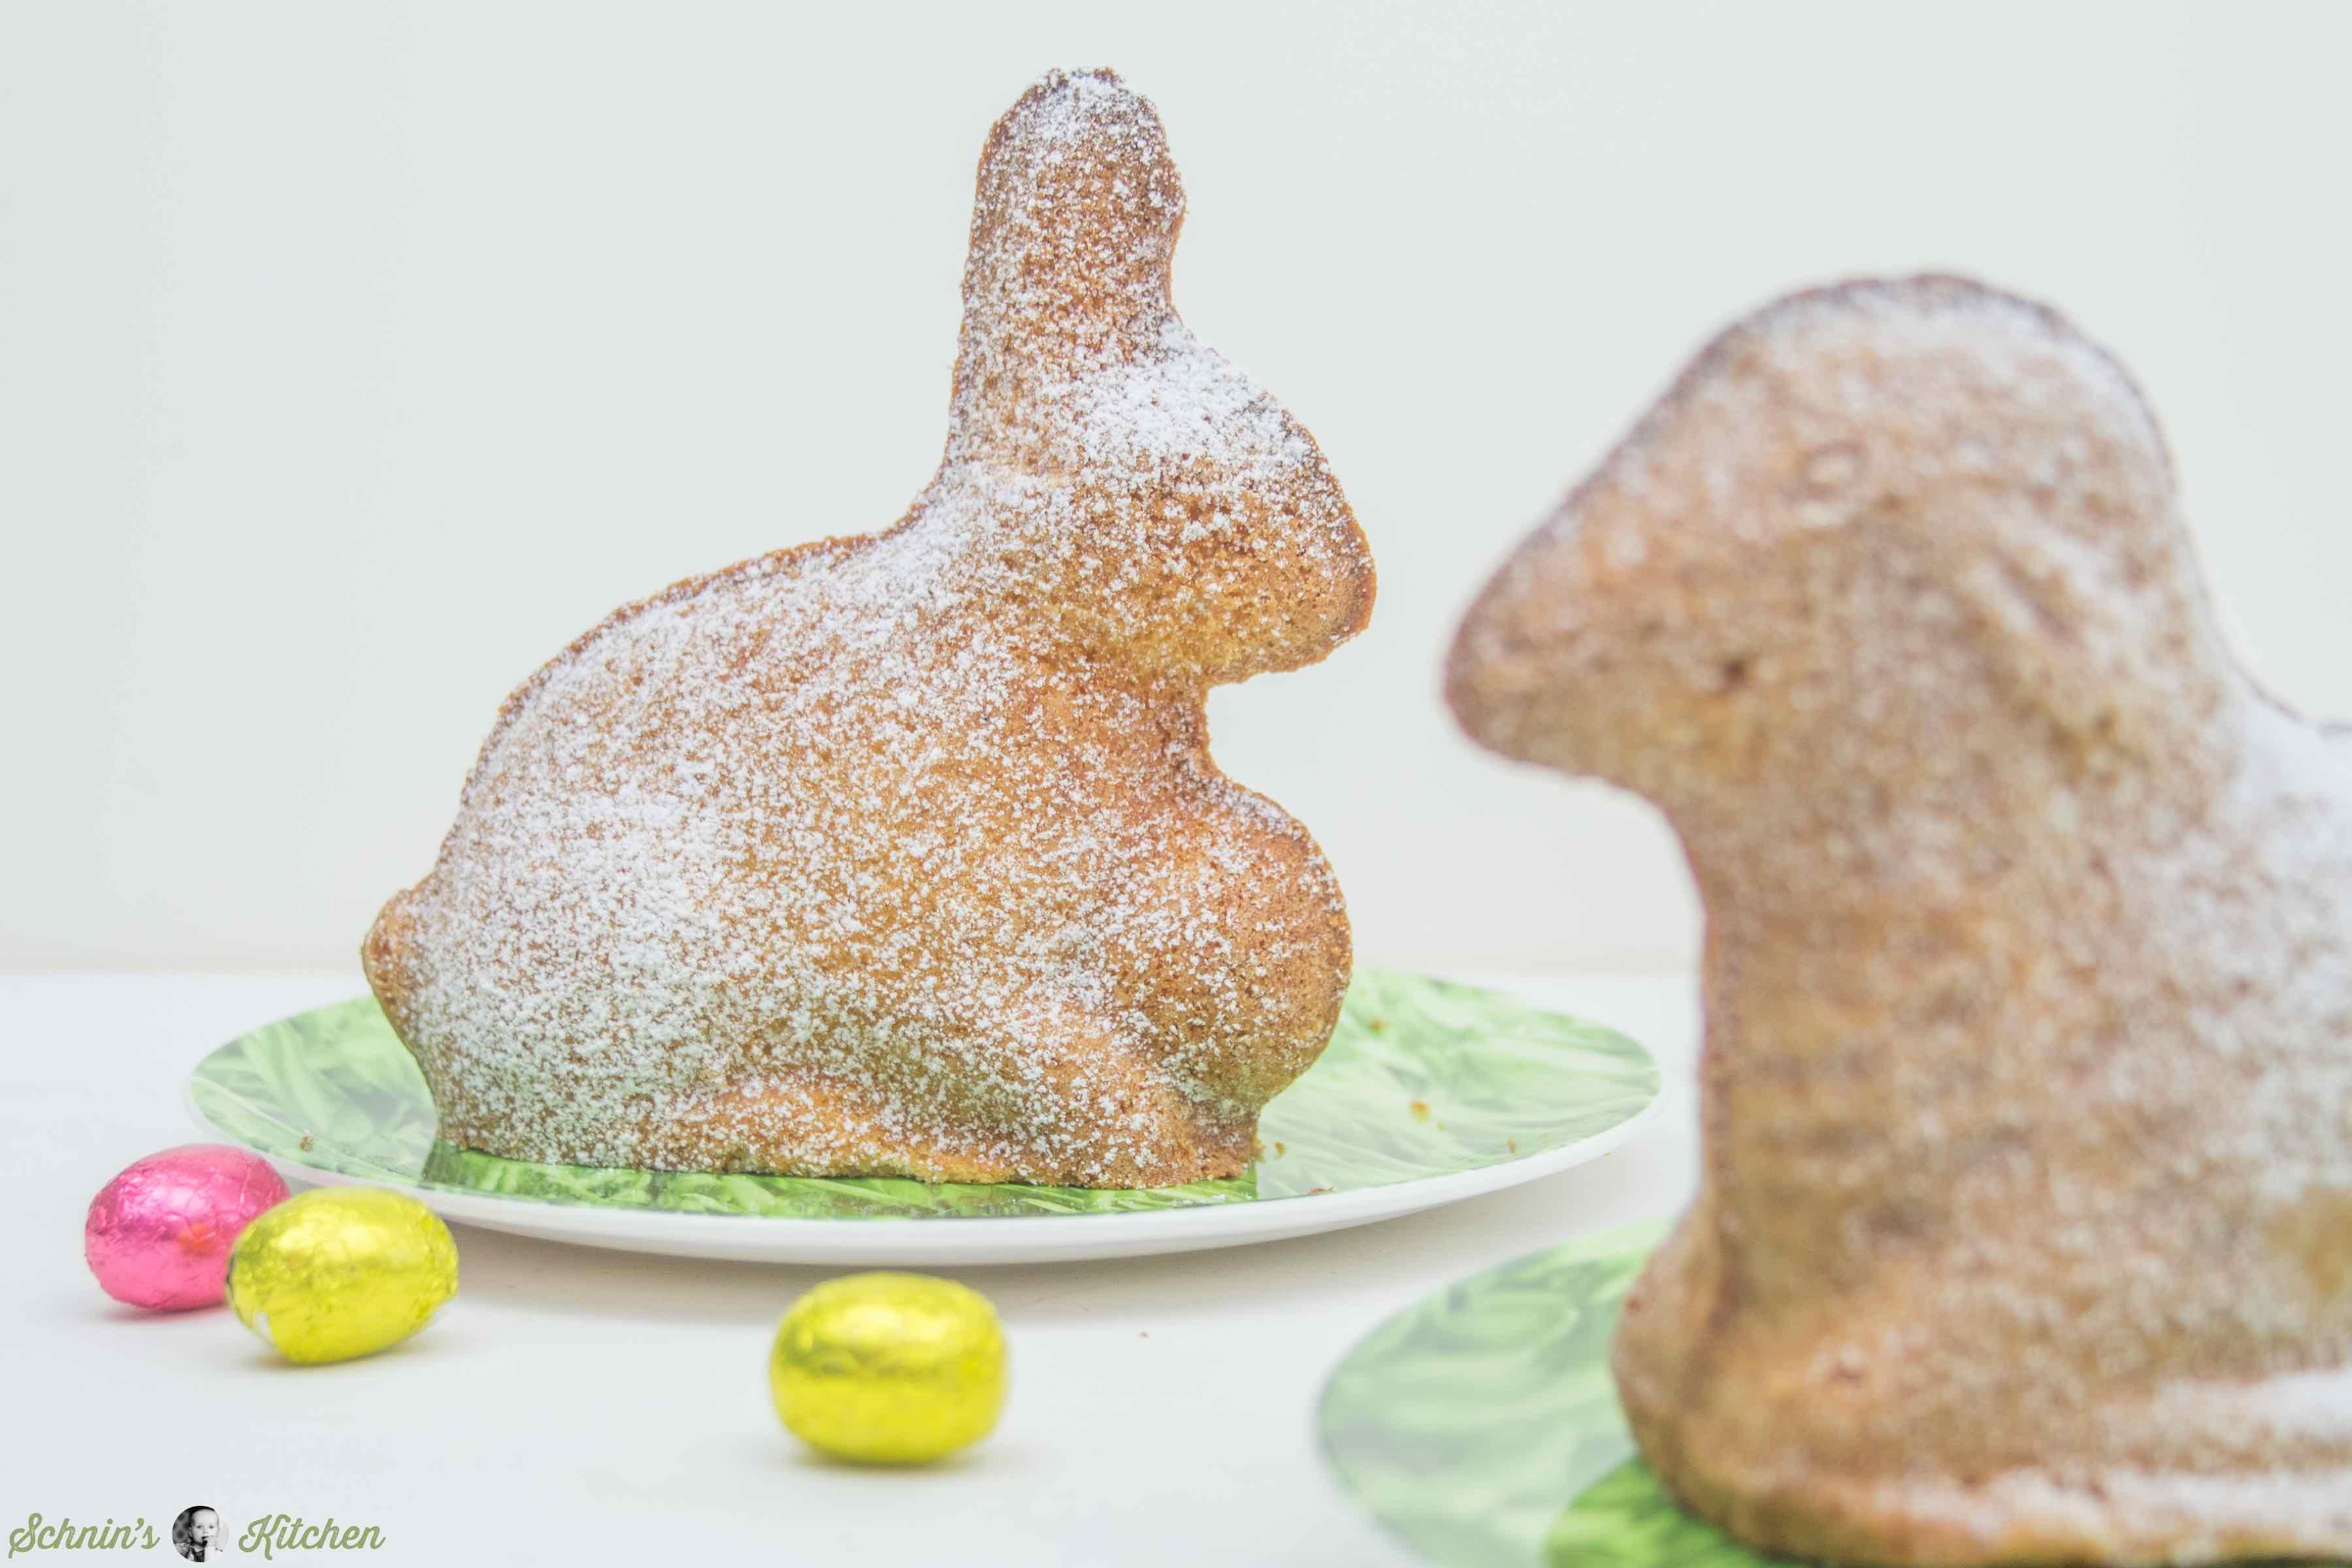 Osterhasenkuchen aus feinem Sandkuchenteig mit Amaretto. Das perfekte Rezept zu Ostern für die Osterhasen-Backform. | www.schninskitchen.de